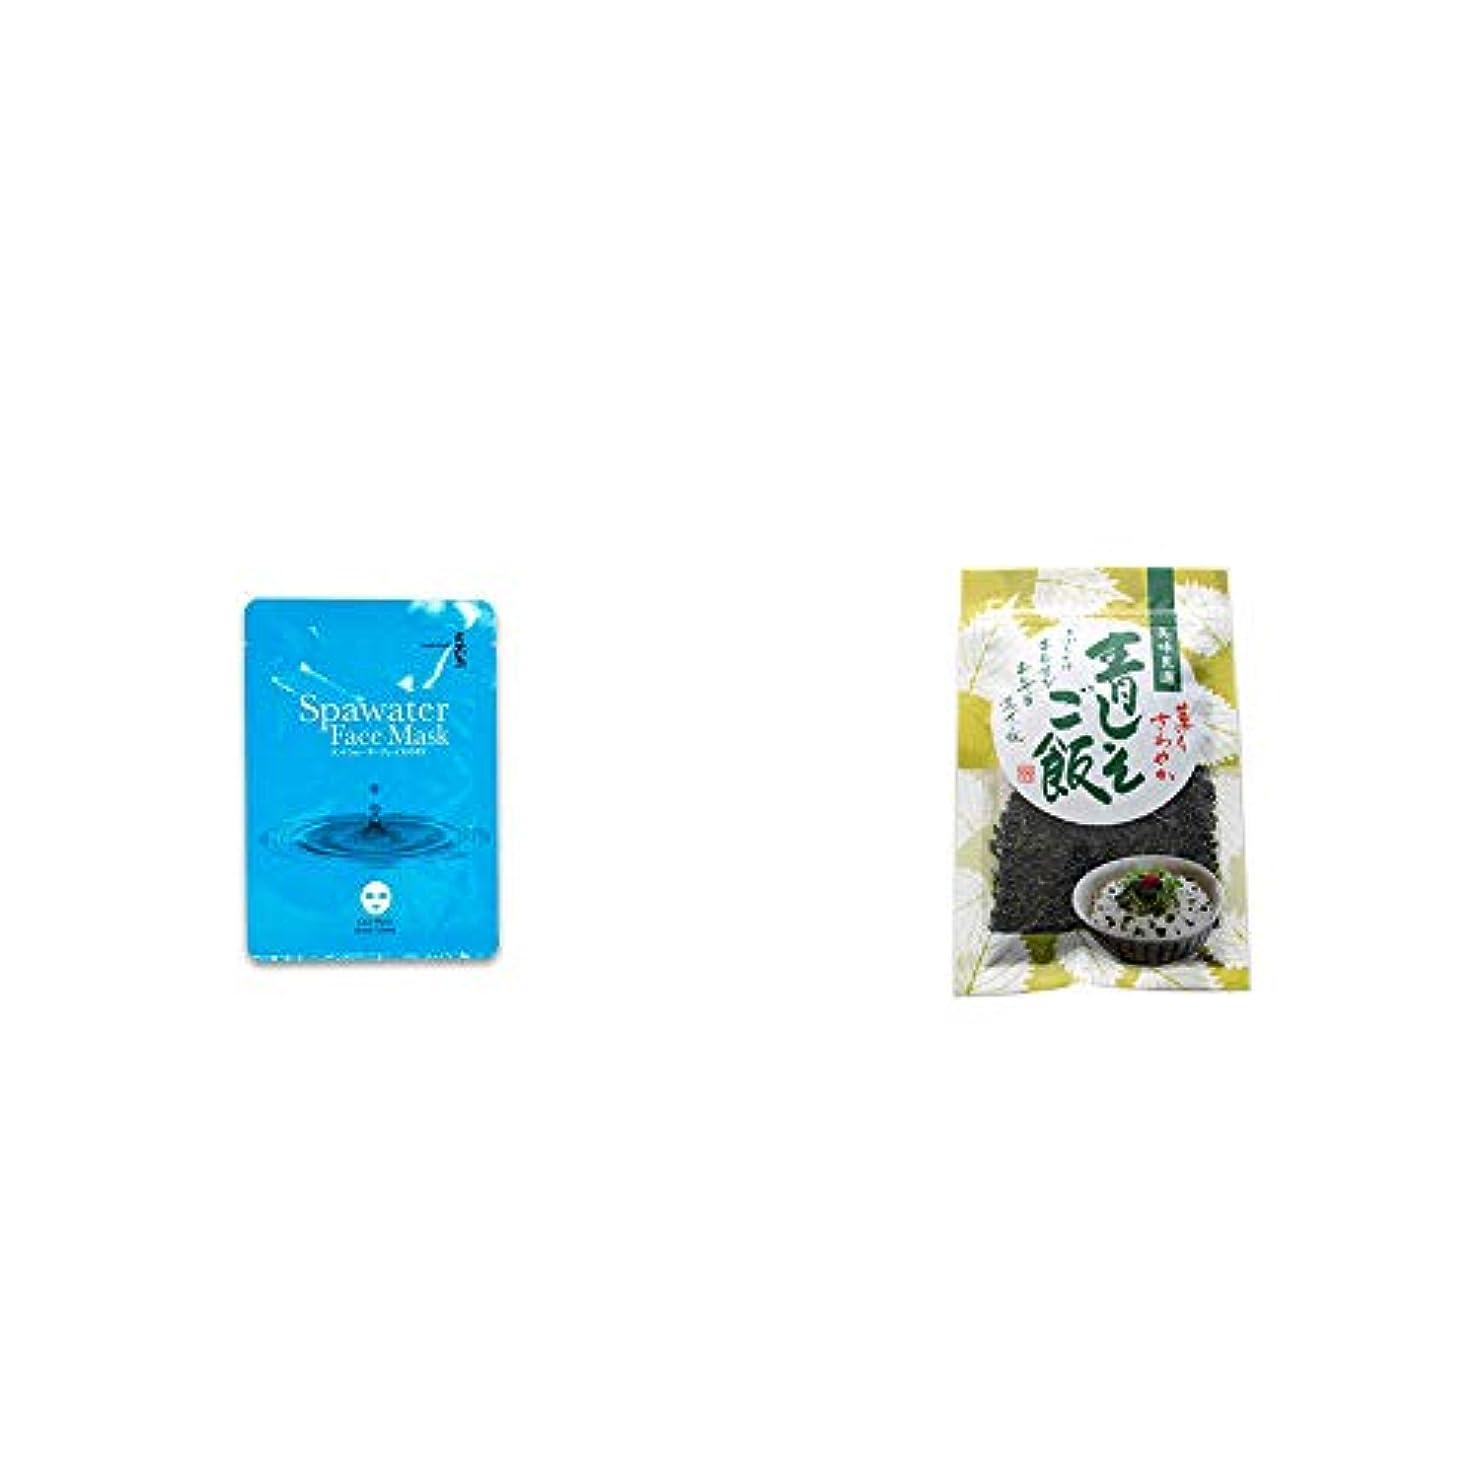 露ファーザーファージュ補足[2点セット] ひのき炭黒泉 スパウォーターフェイスマスク(18ml×3枚入)?薫りさわやか 青しそご飯(80g)